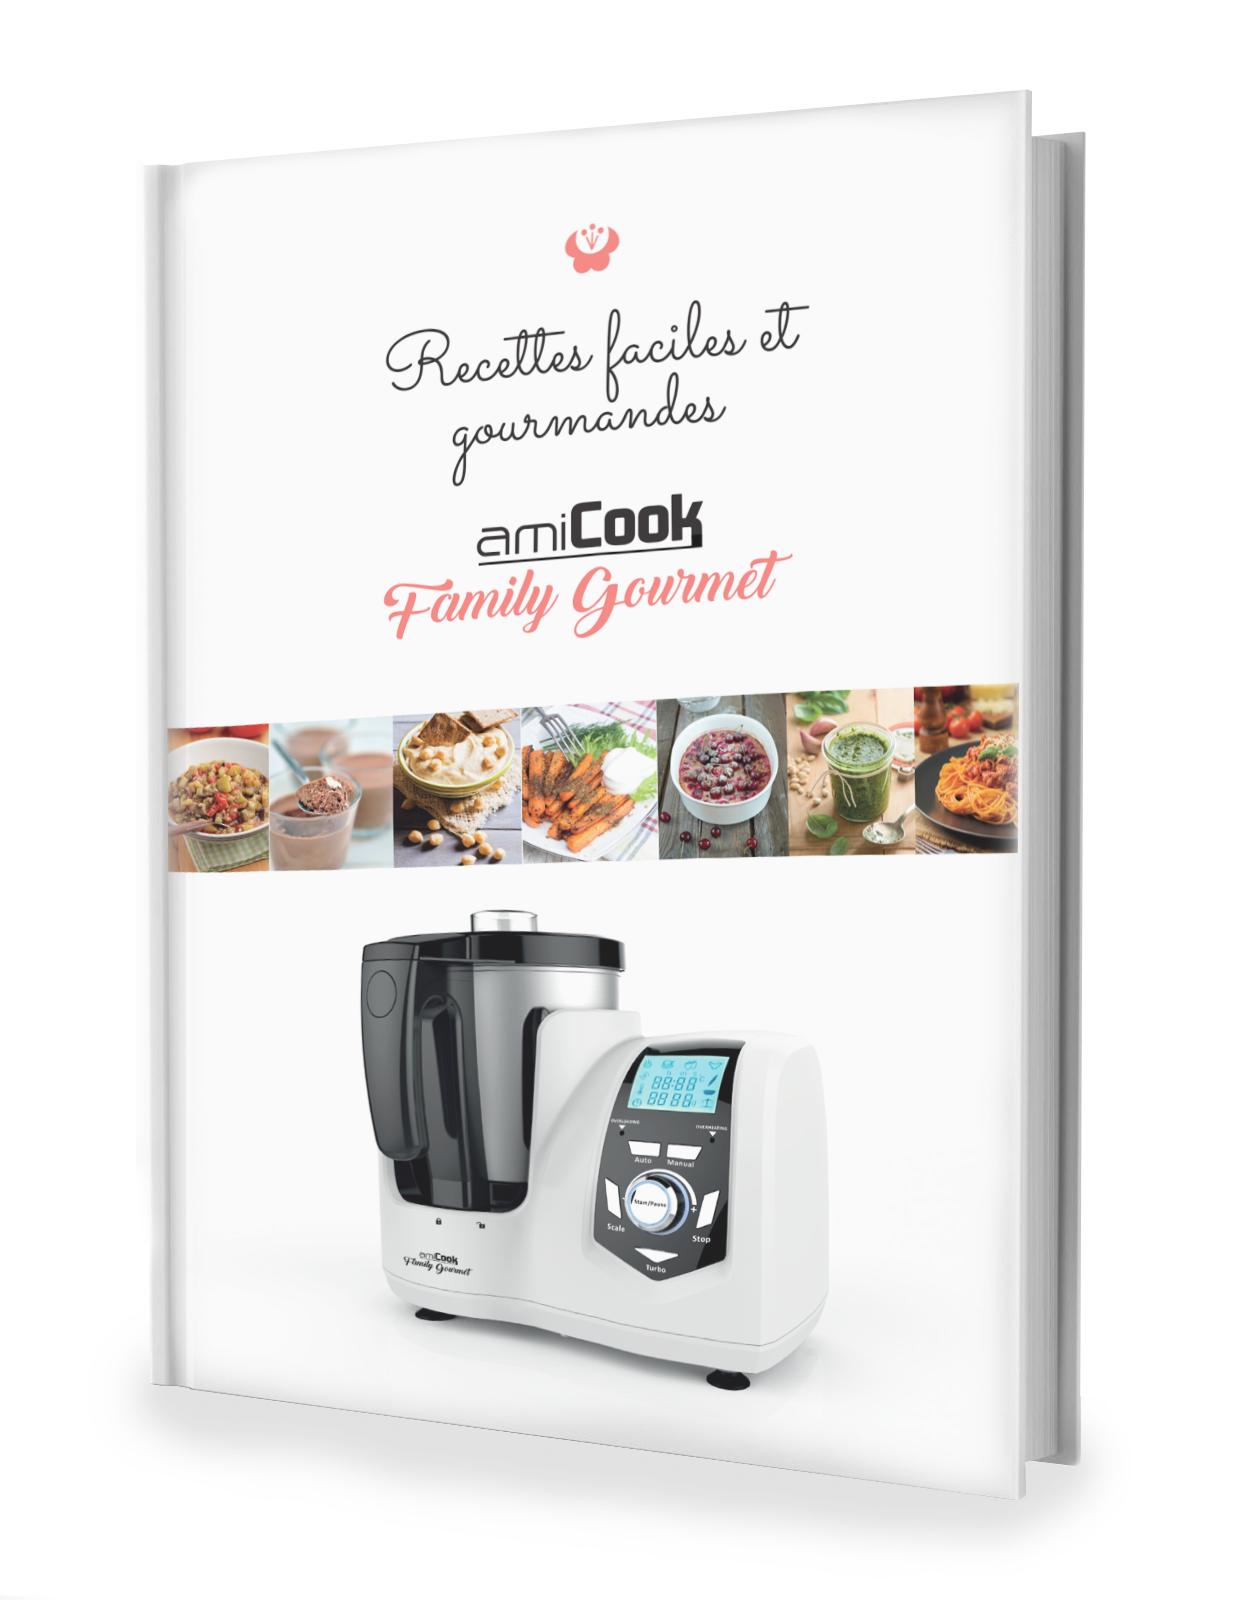 Robot cuiseur multifonctions amicook family gourmet bestofrobots - Livre de recette pour robot multifonction cuiseur ...